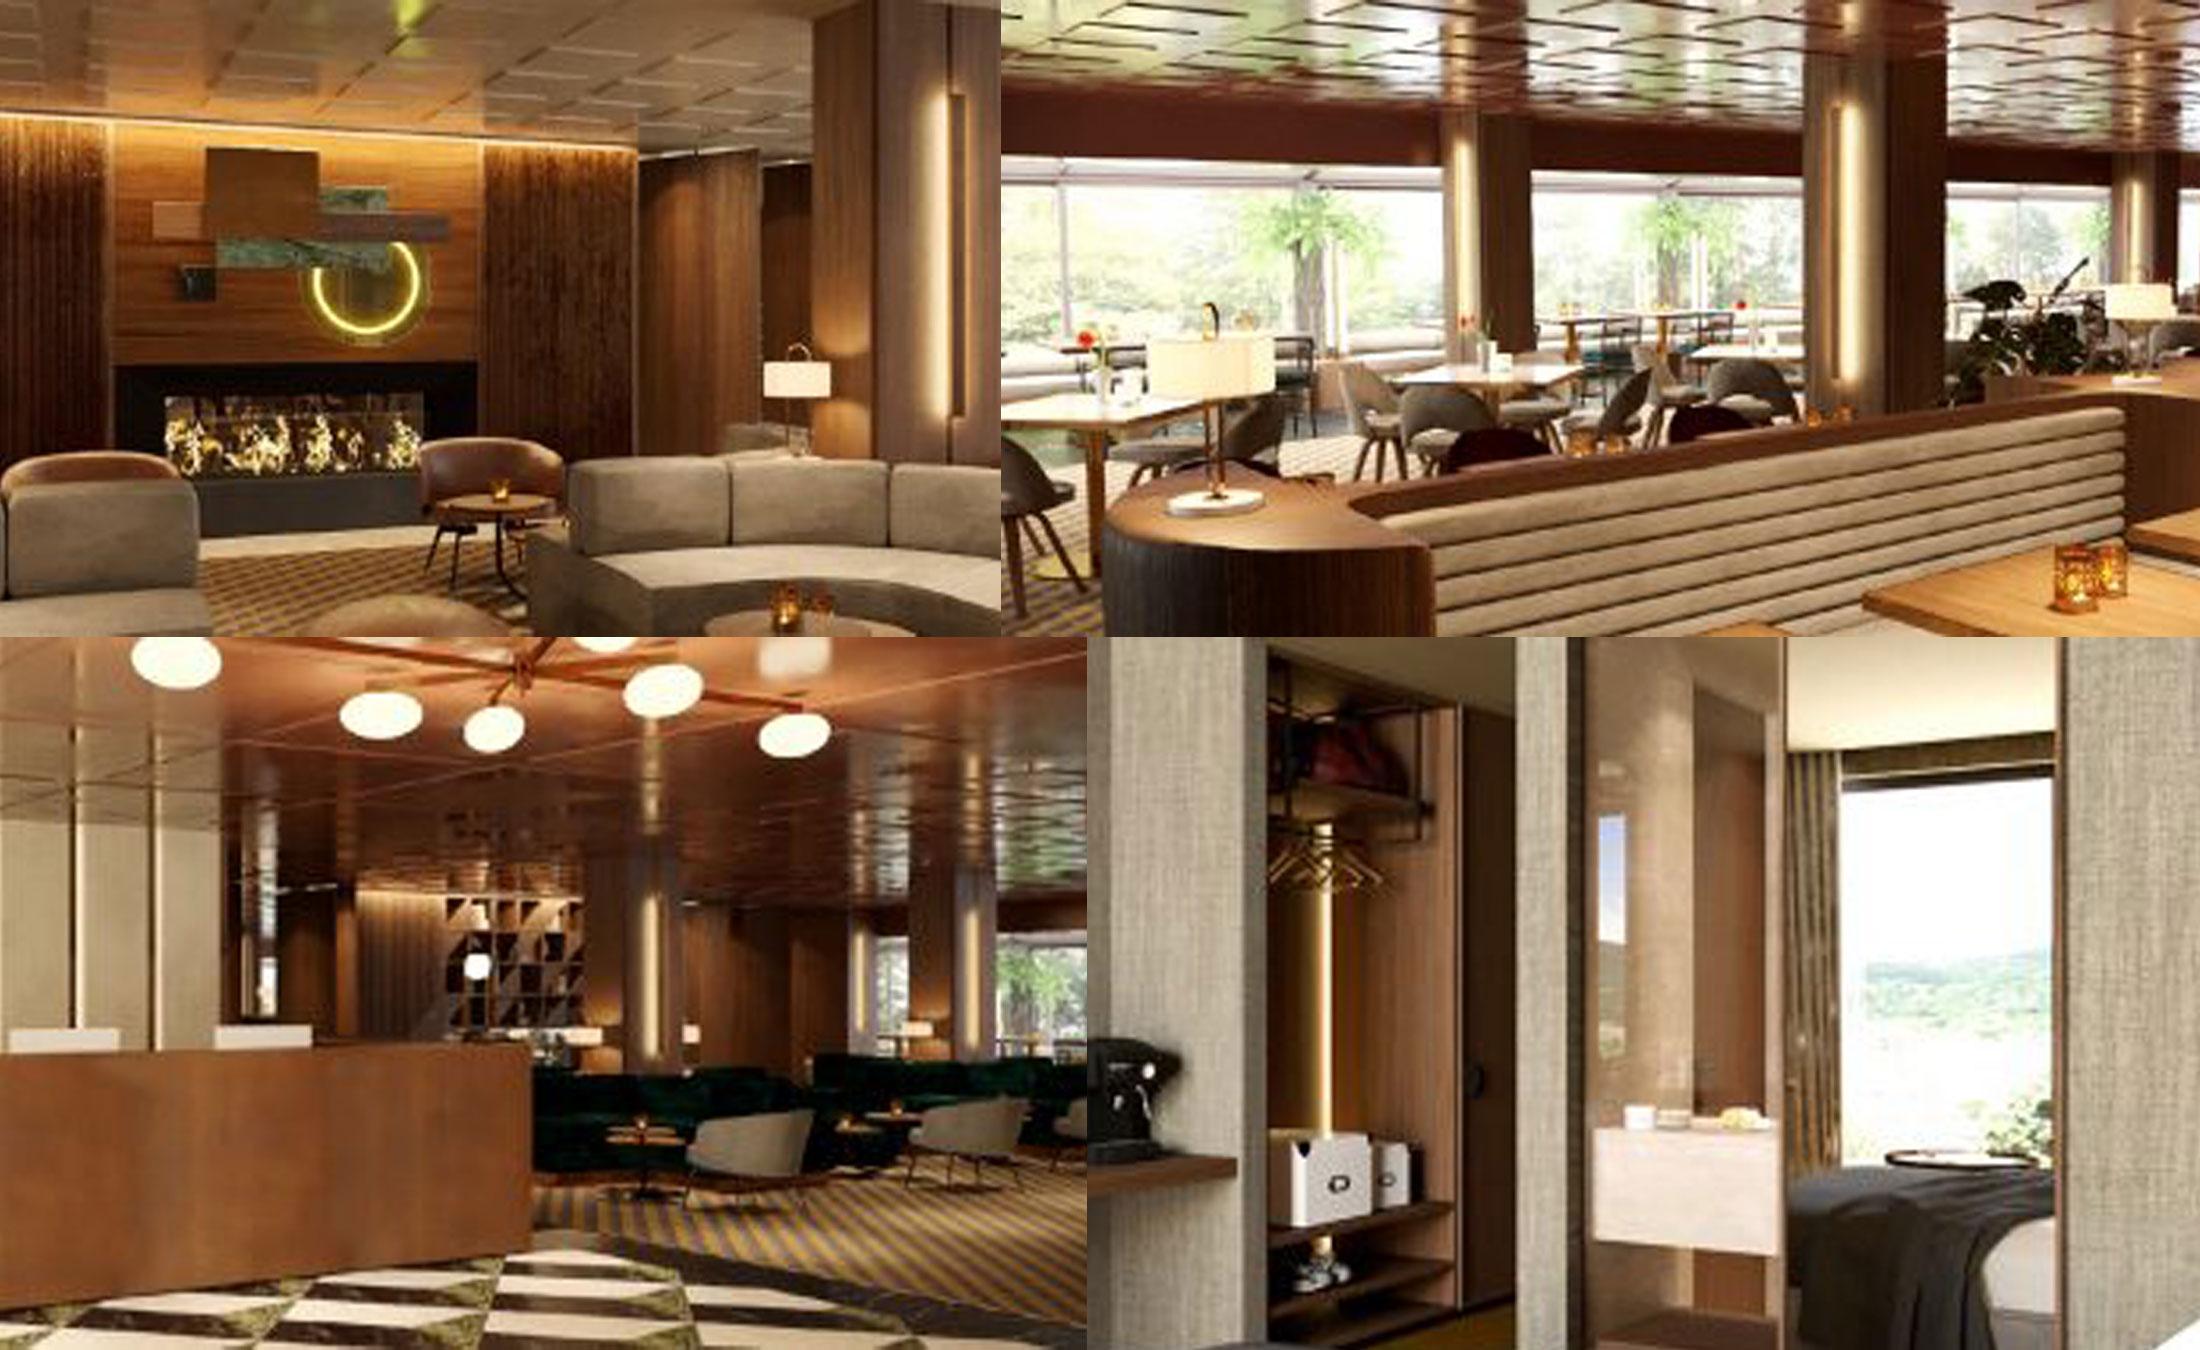 24 χρόνια μετά, το ιστορικό Ξενία έγινε… The Lynx Casino Florina και άνοιξε ξανά τις πύλες του